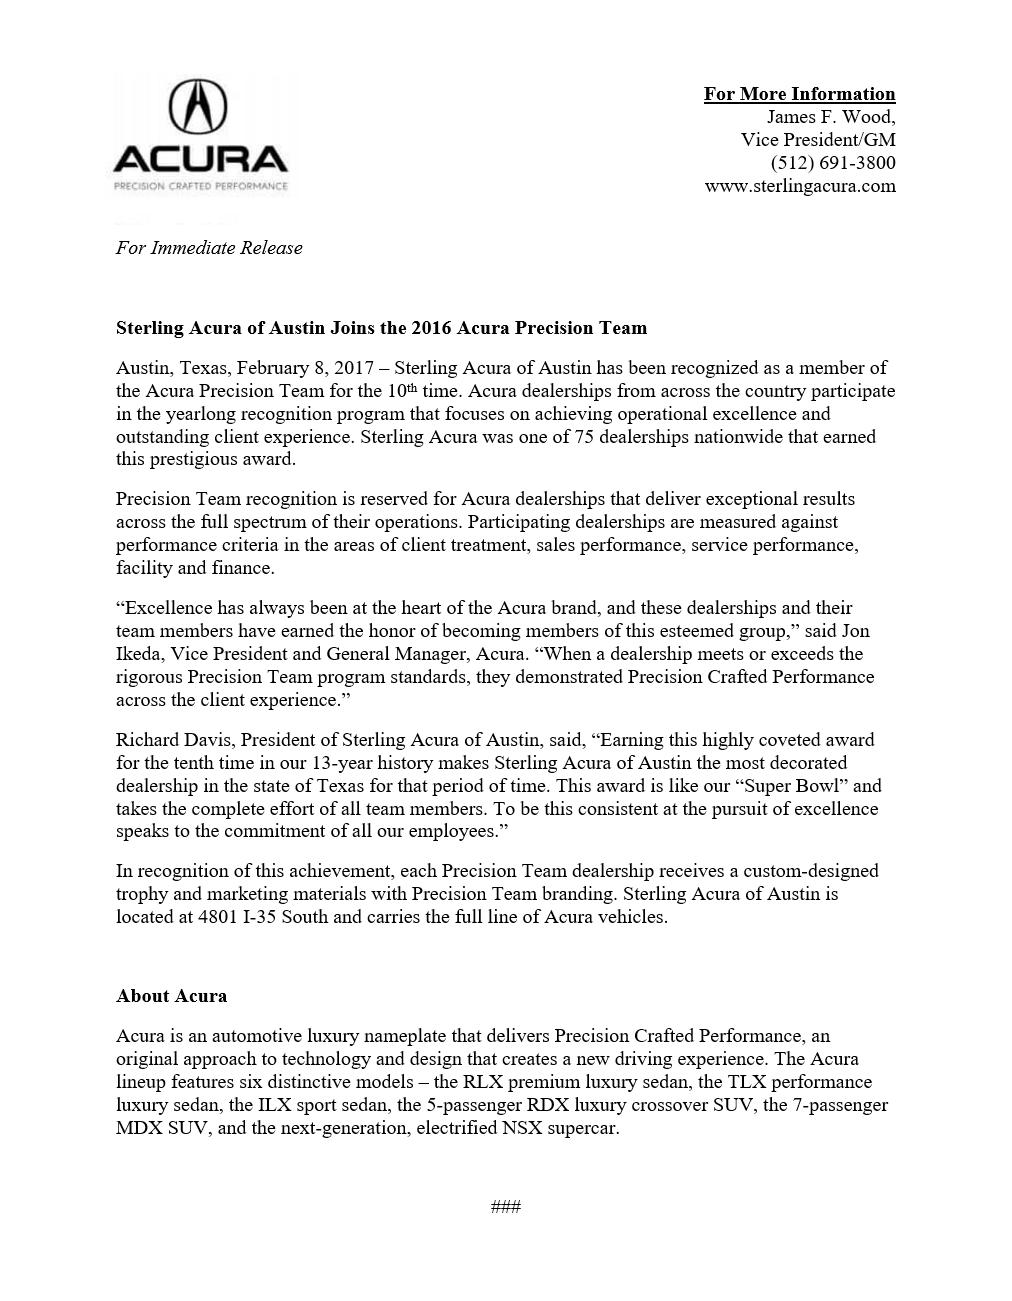 Award Letter